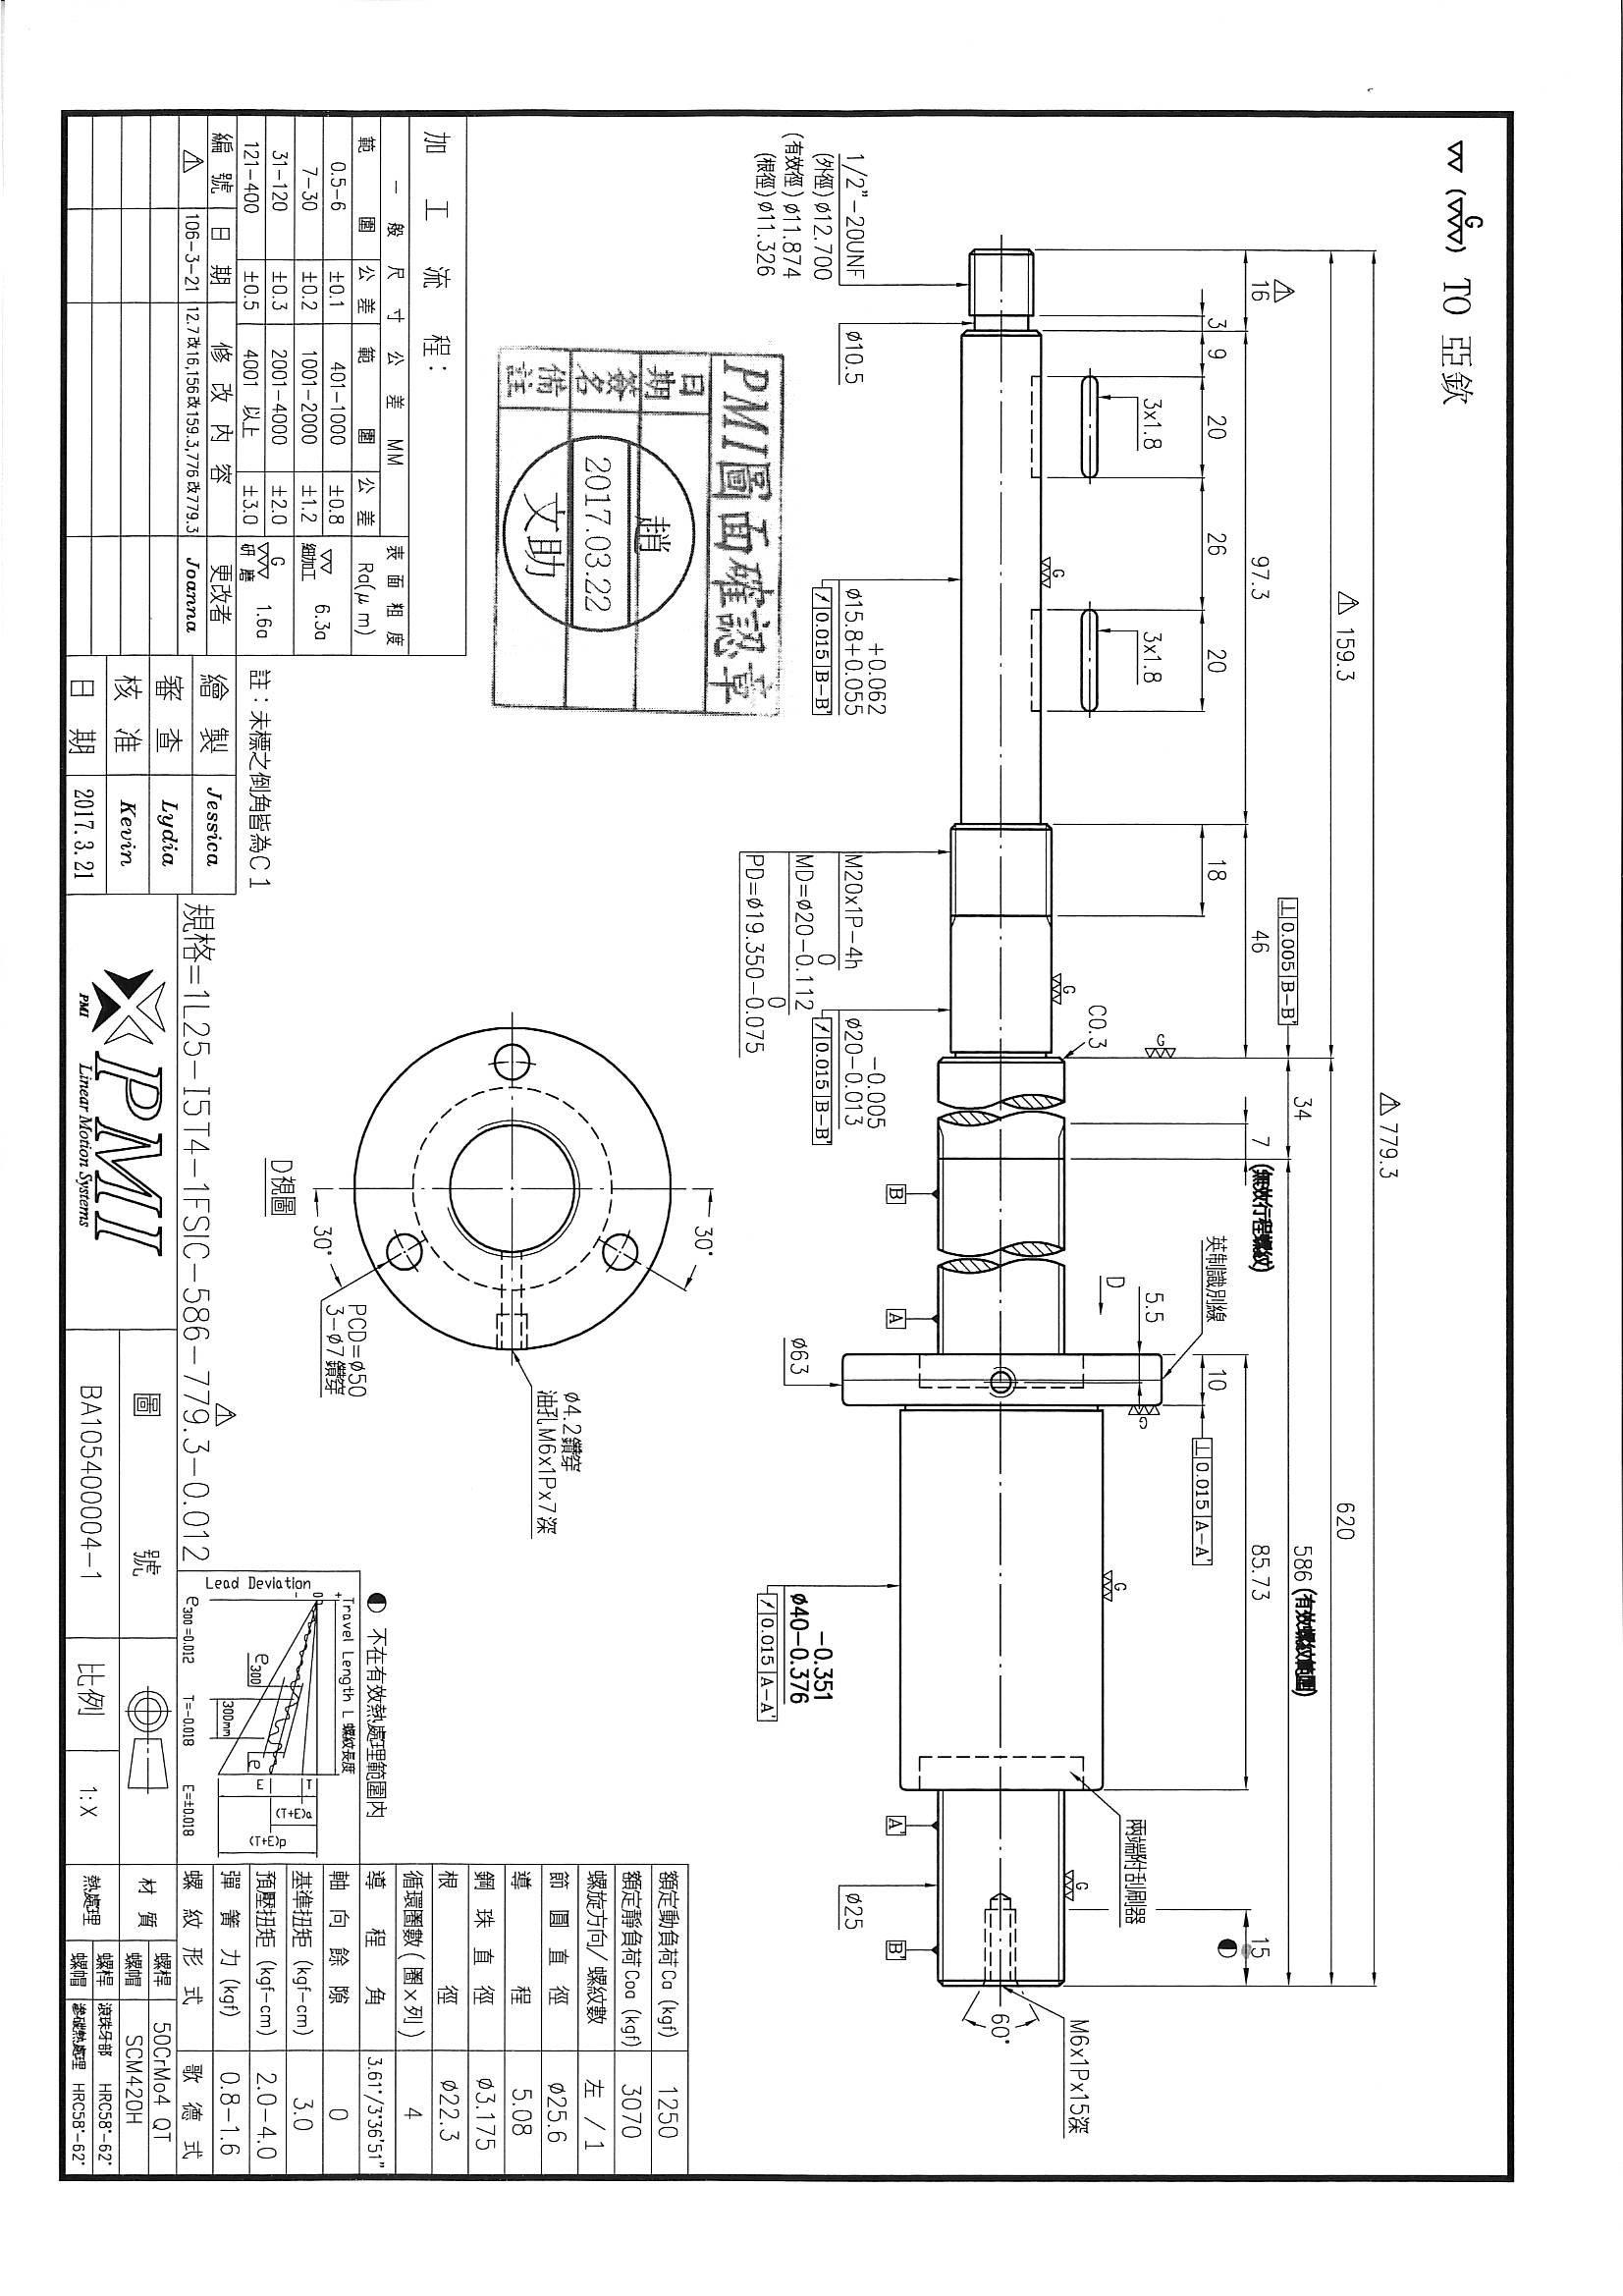 3601-0511 5//16-18 7//16-14 TRANSFER SCREW SET 25 PIECE 1//4-20 3//8-16